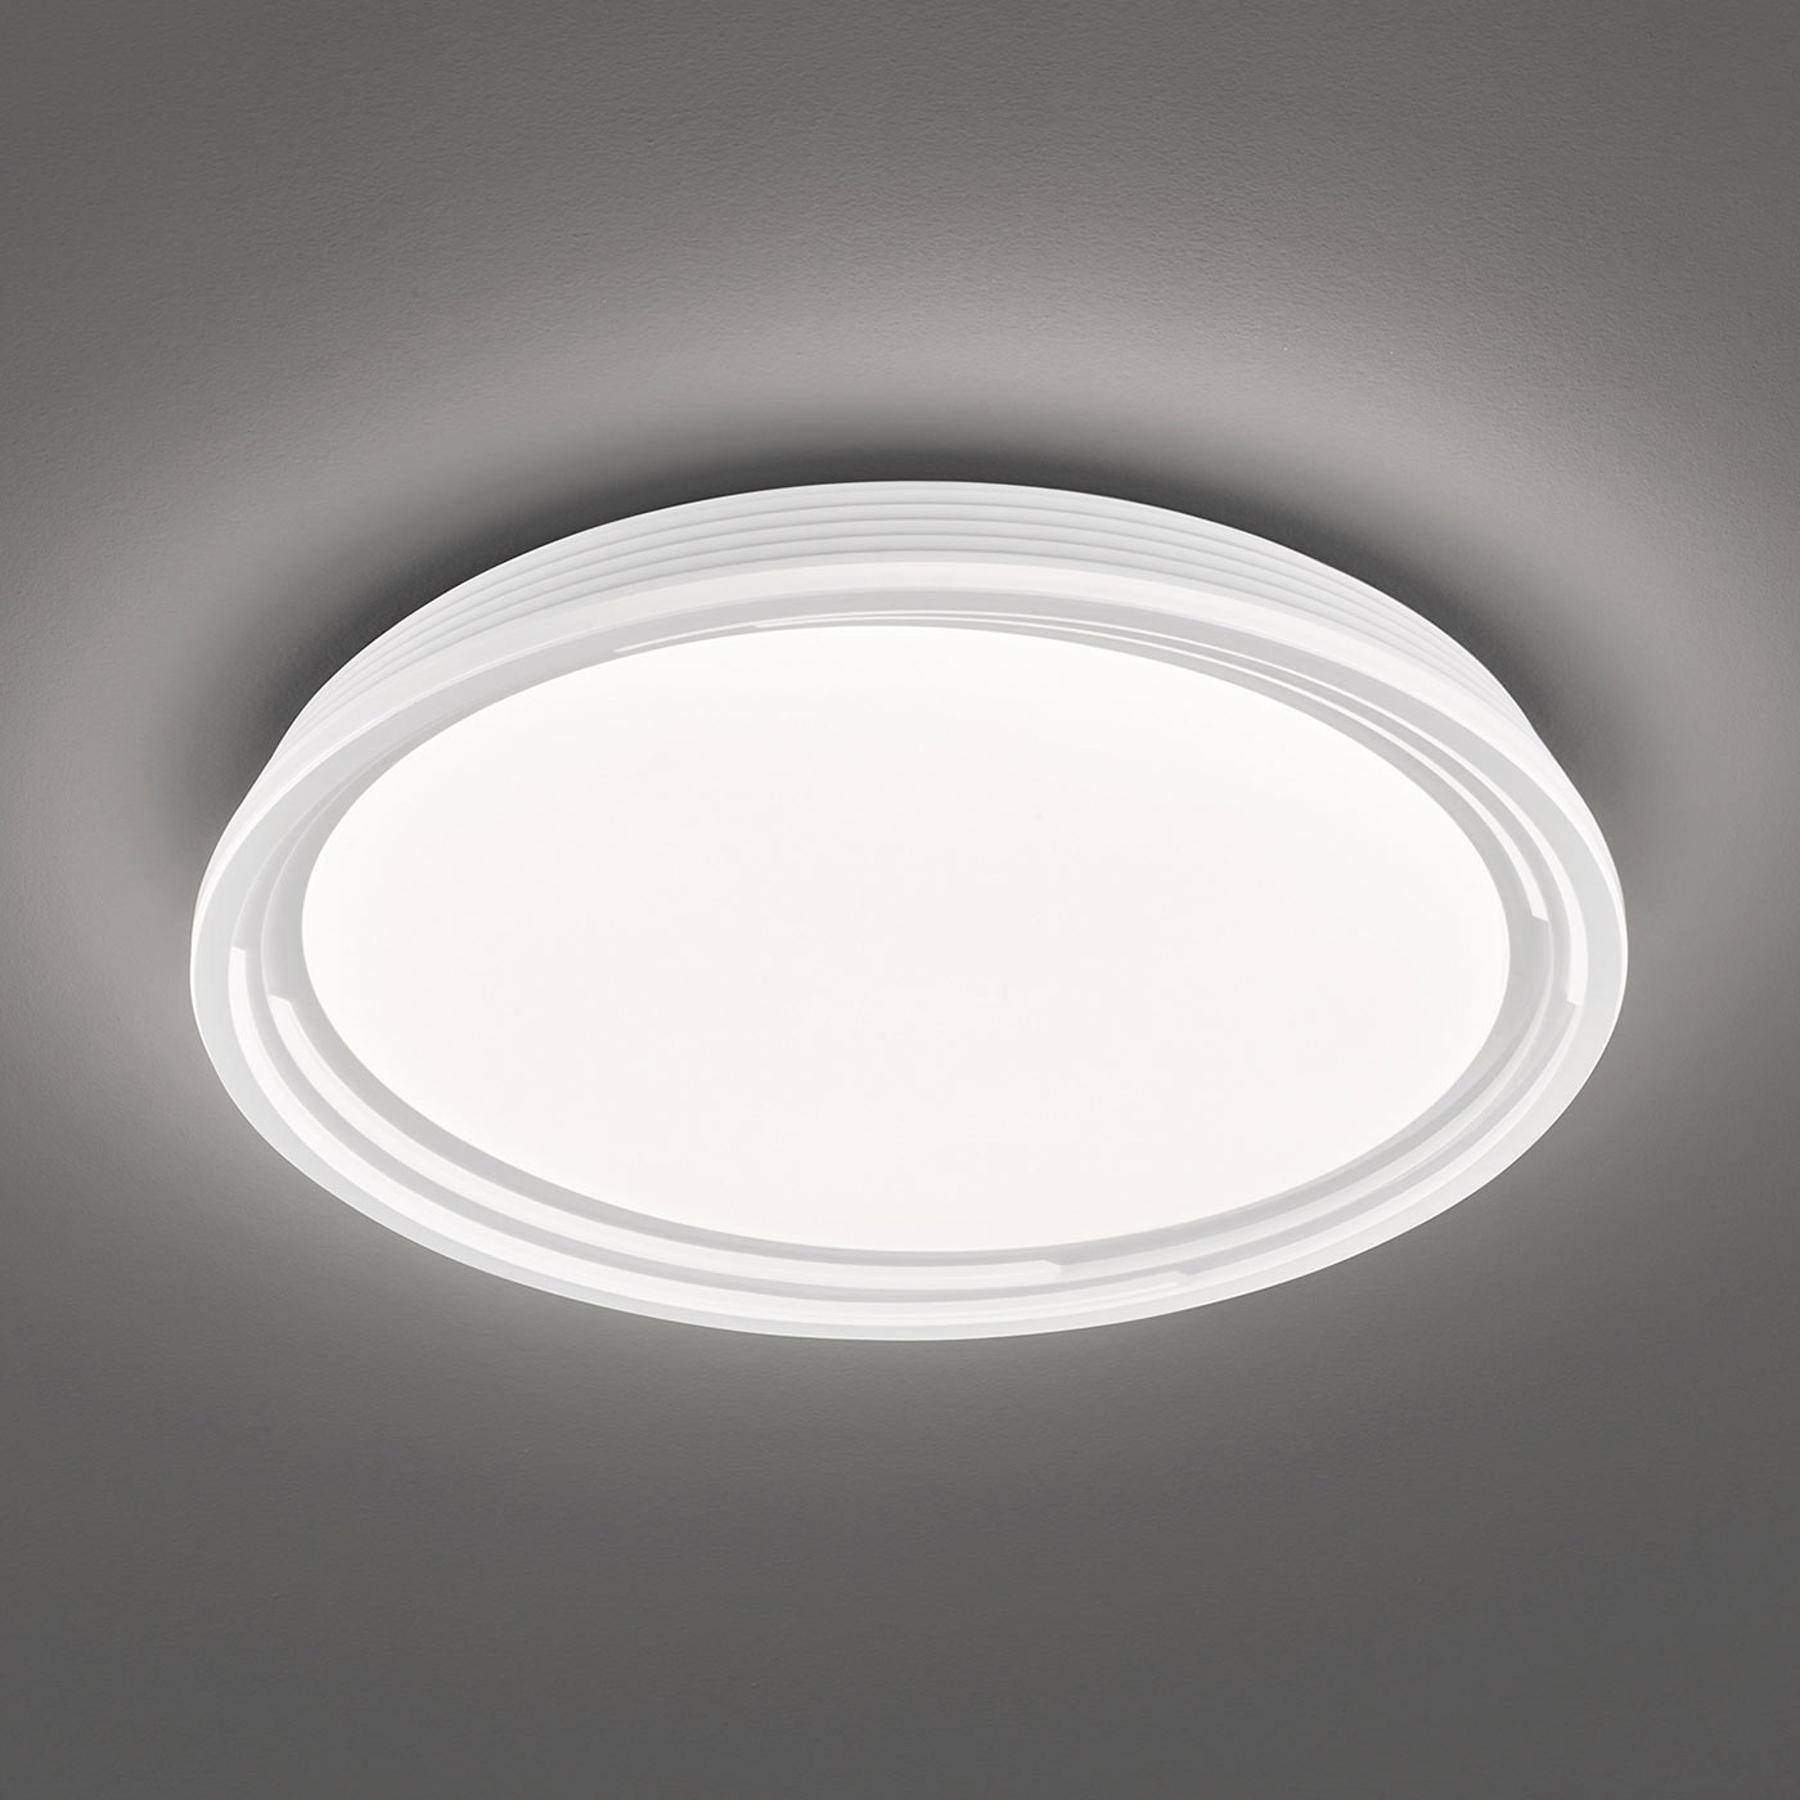 LED plafondlamp Dua, dimbaar, Ø 43 cm